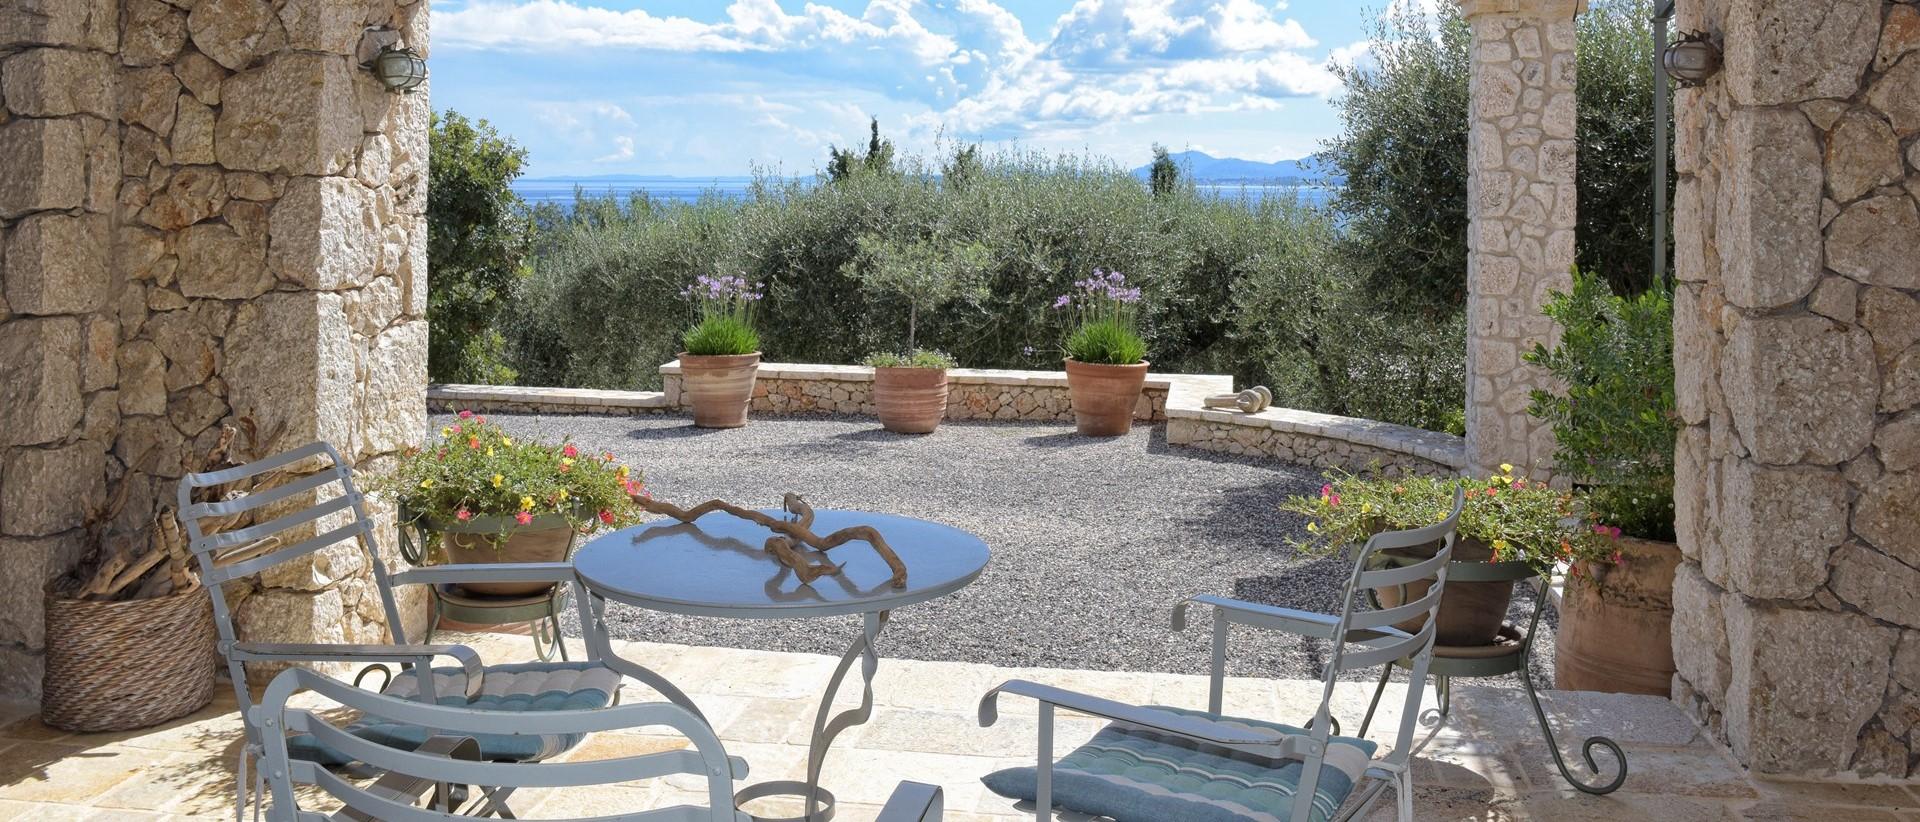 garden-bedroom-terrace